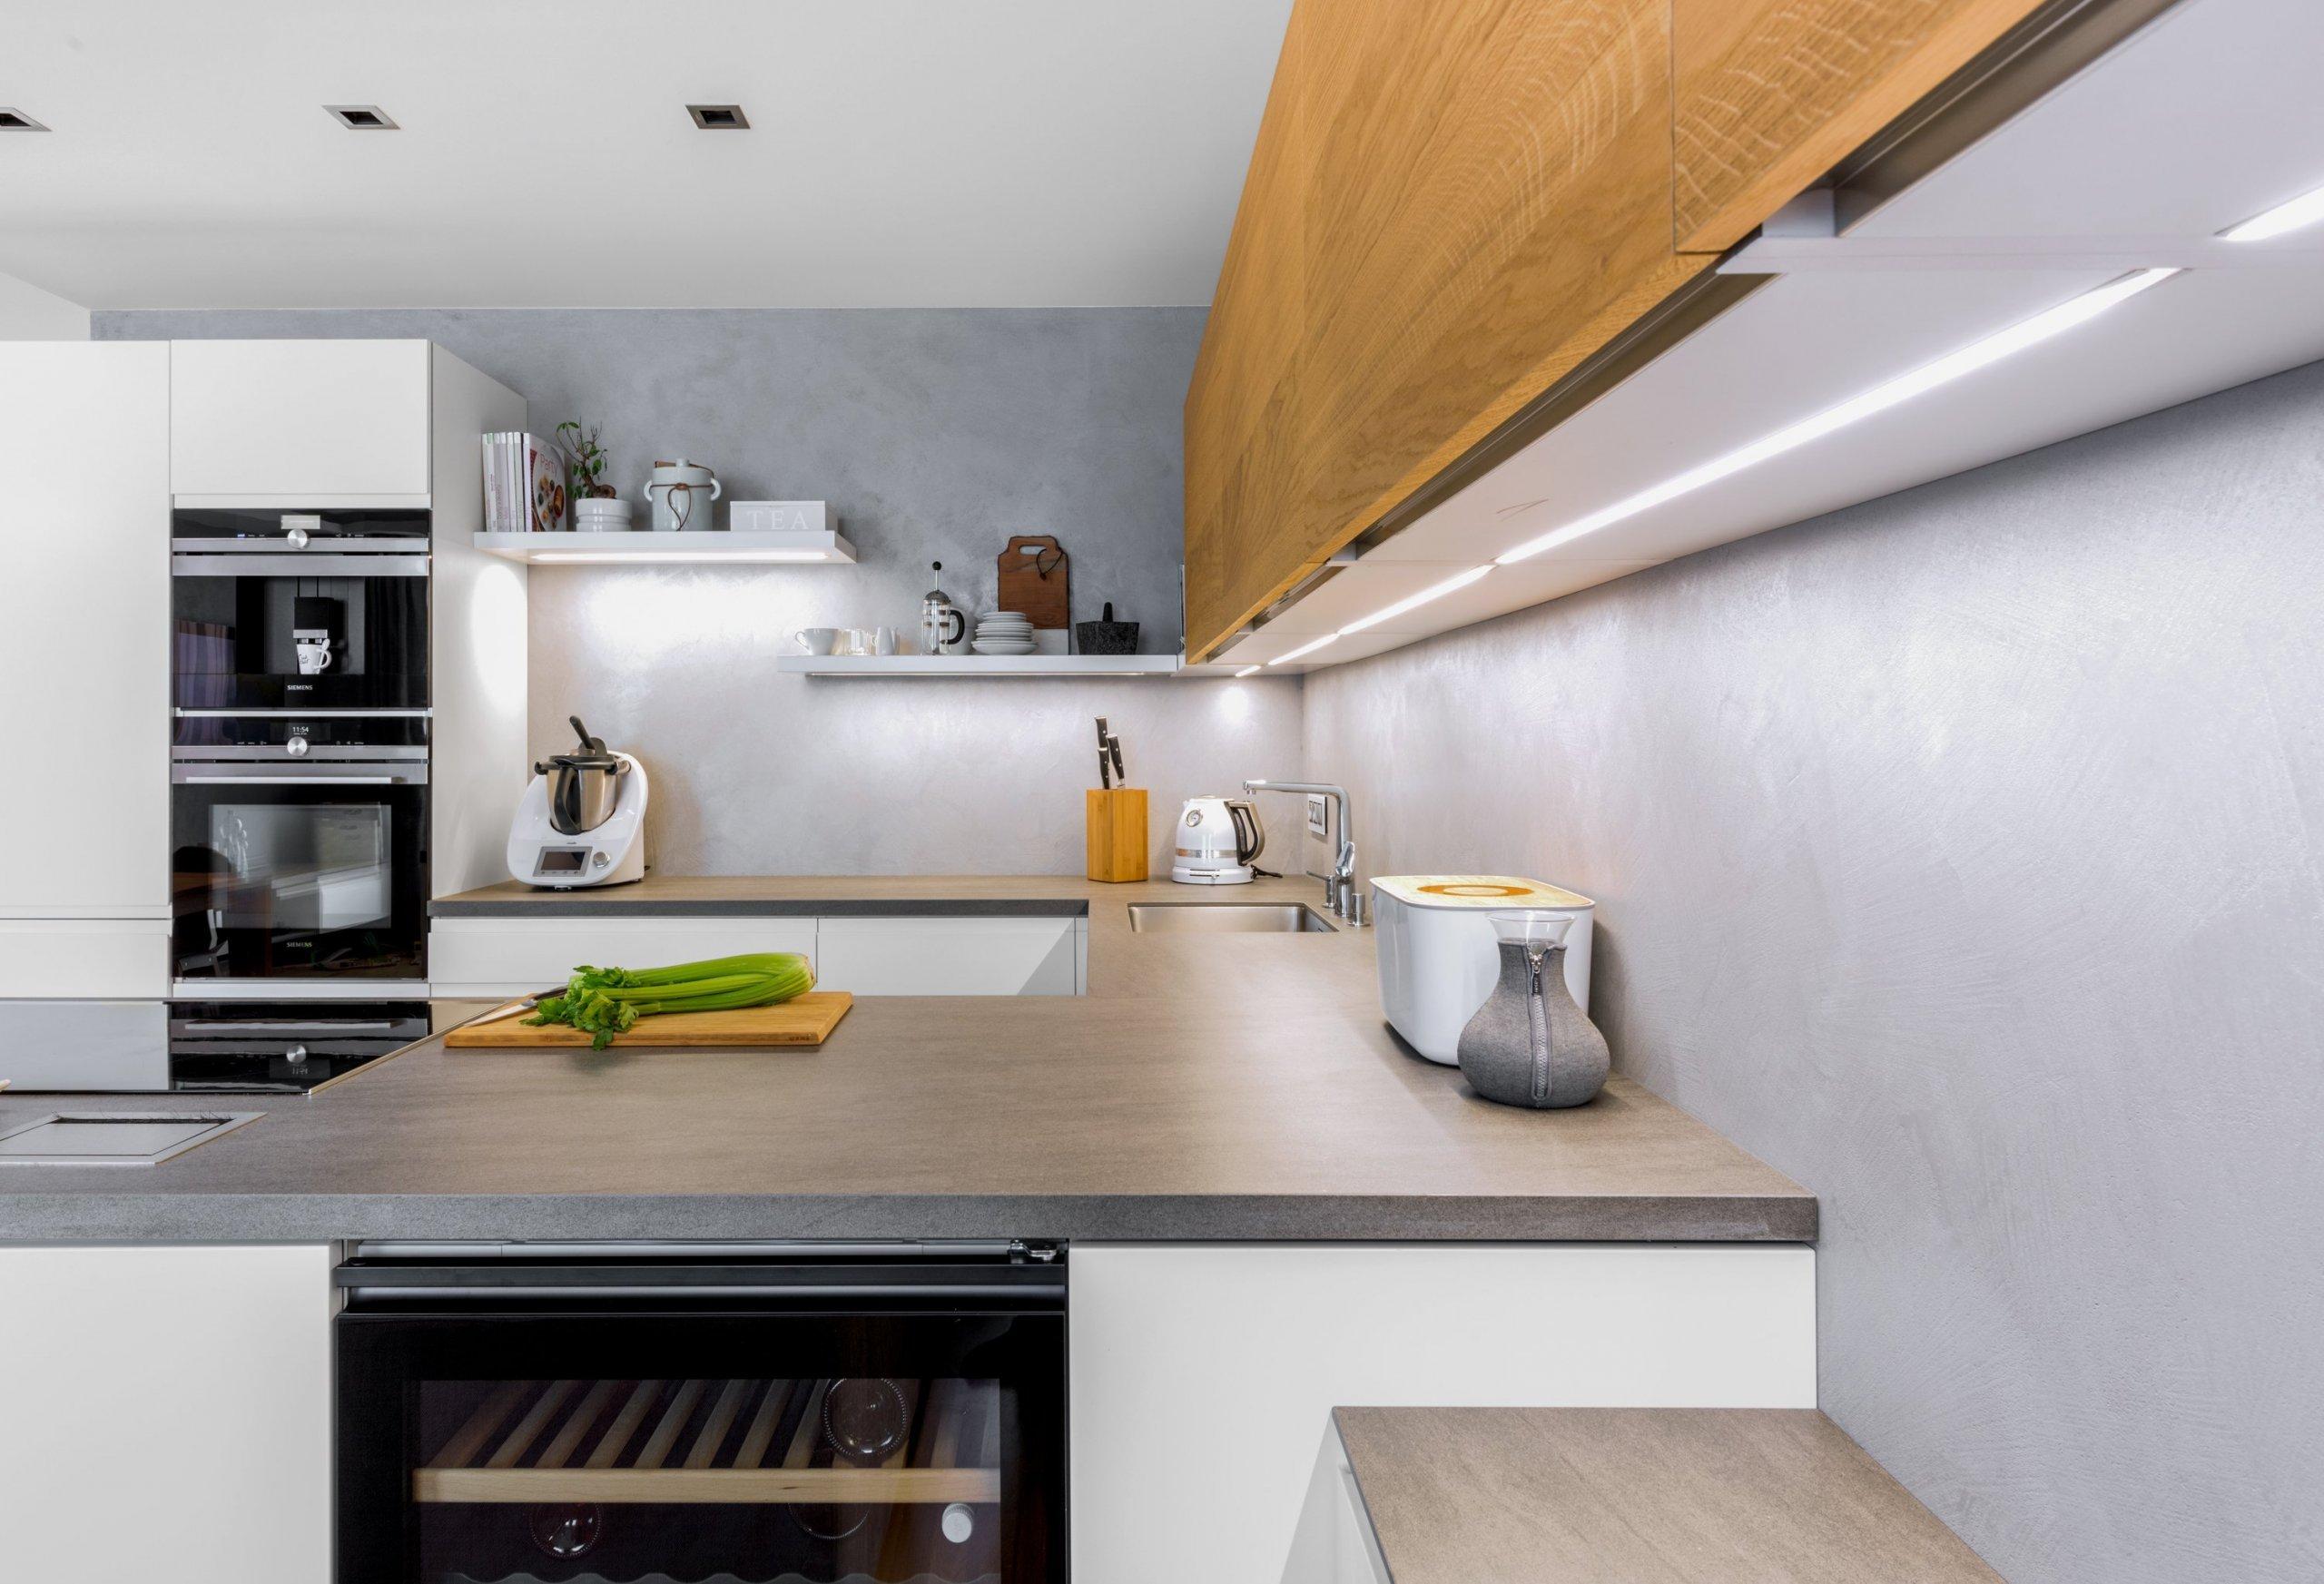 Od jídelního stolu po kout s televizí - tato kuchyňská sestava překračuje běžný prostor k vaření a stává se přirozenou dominantou místnosti, kde každý prvek…